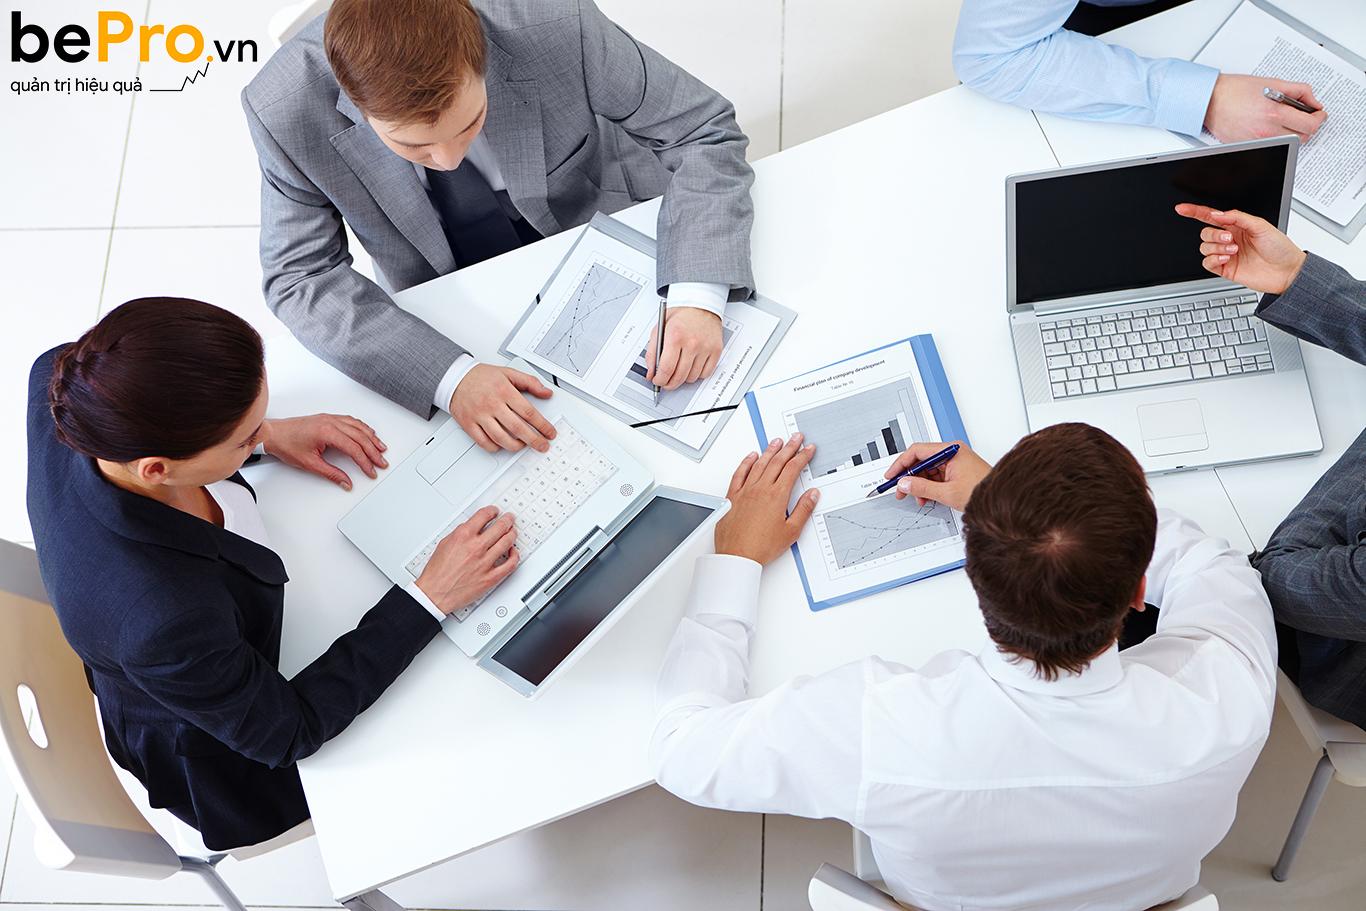 Tư vấn thành lập doanh nghiệp chuyên nghiệp, uy tín tại TP.HCM